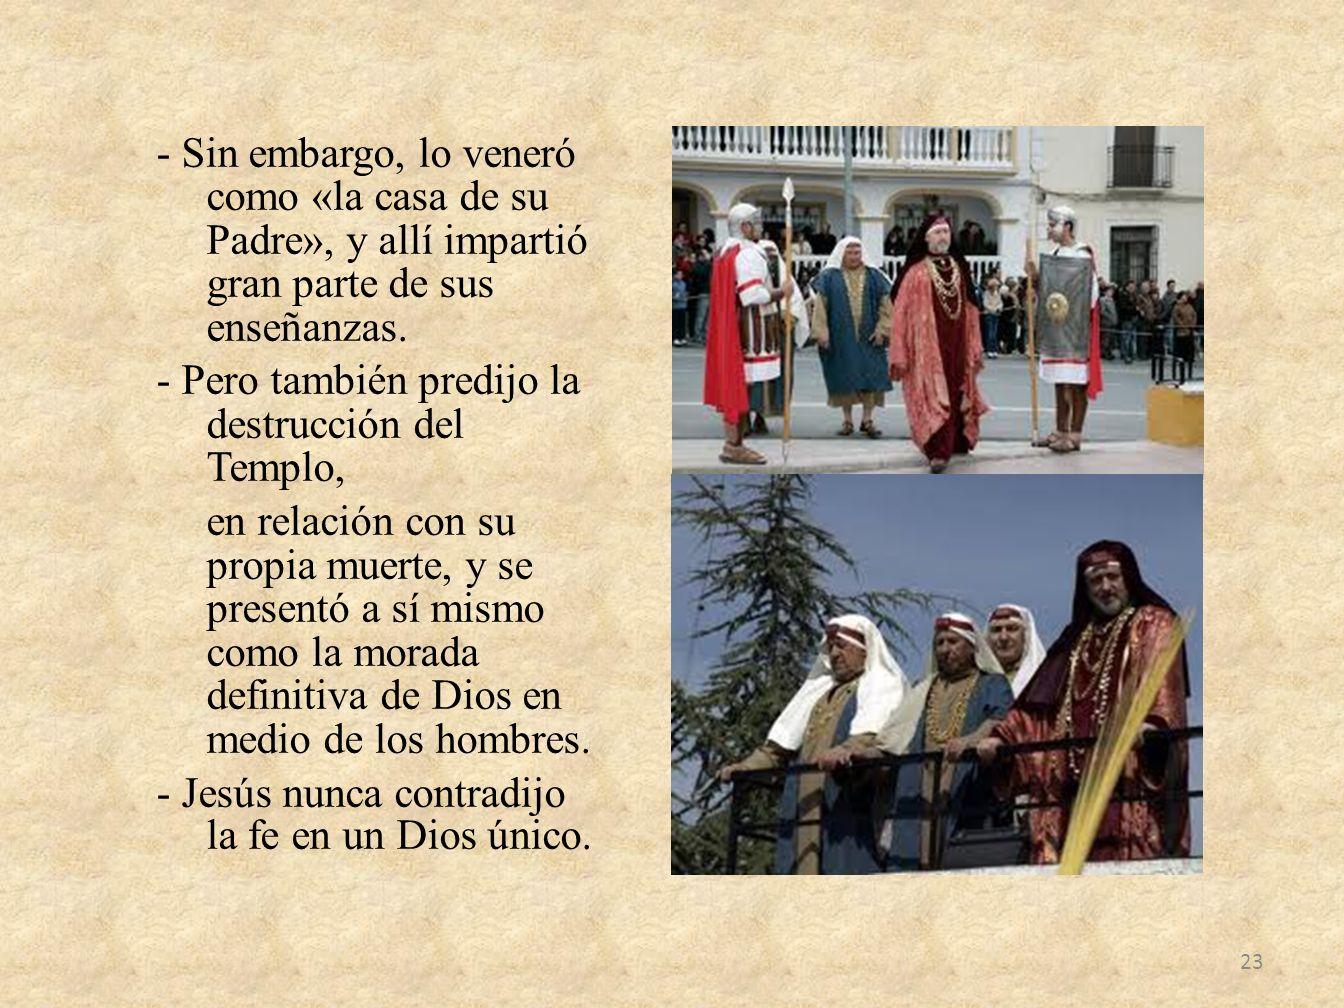 - Sin embargo, lo veneró como «la casa de su Padre», y allí impartió gran parte de sus enseñanzas. - Pero también predijo la destrucción del Templo, e